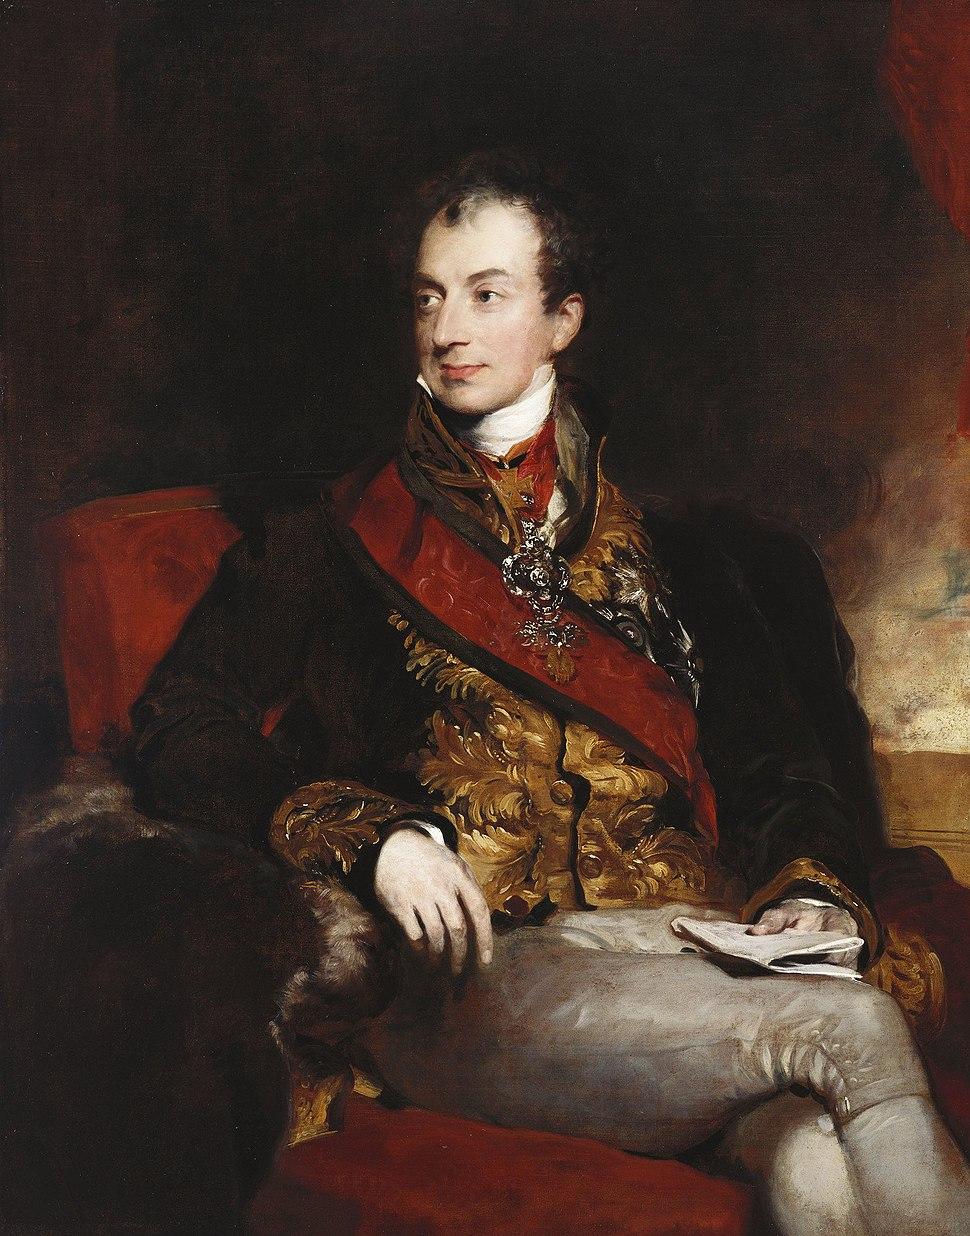 Prince Metternich by Lawrence.jpeg